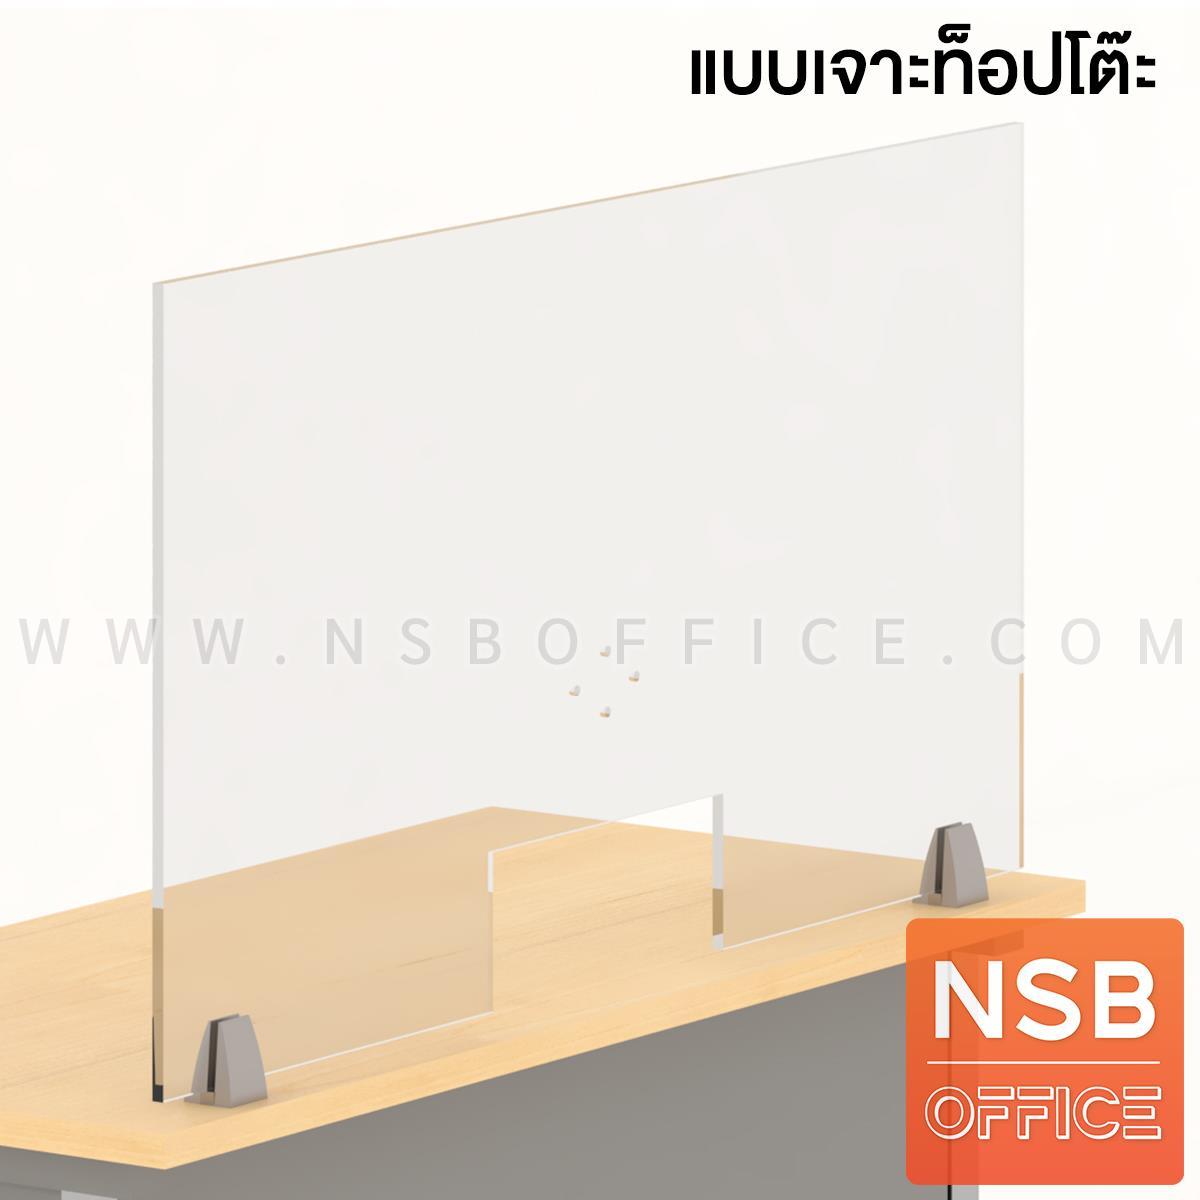 P04A044:มินิสกรีนแผ่นอะคริลิคใส กั้นสูงโต๊ะบริการ รุ่น safe service สูงพิเศษ 60H cm. แบบเจาะหน้าโต๊ะ